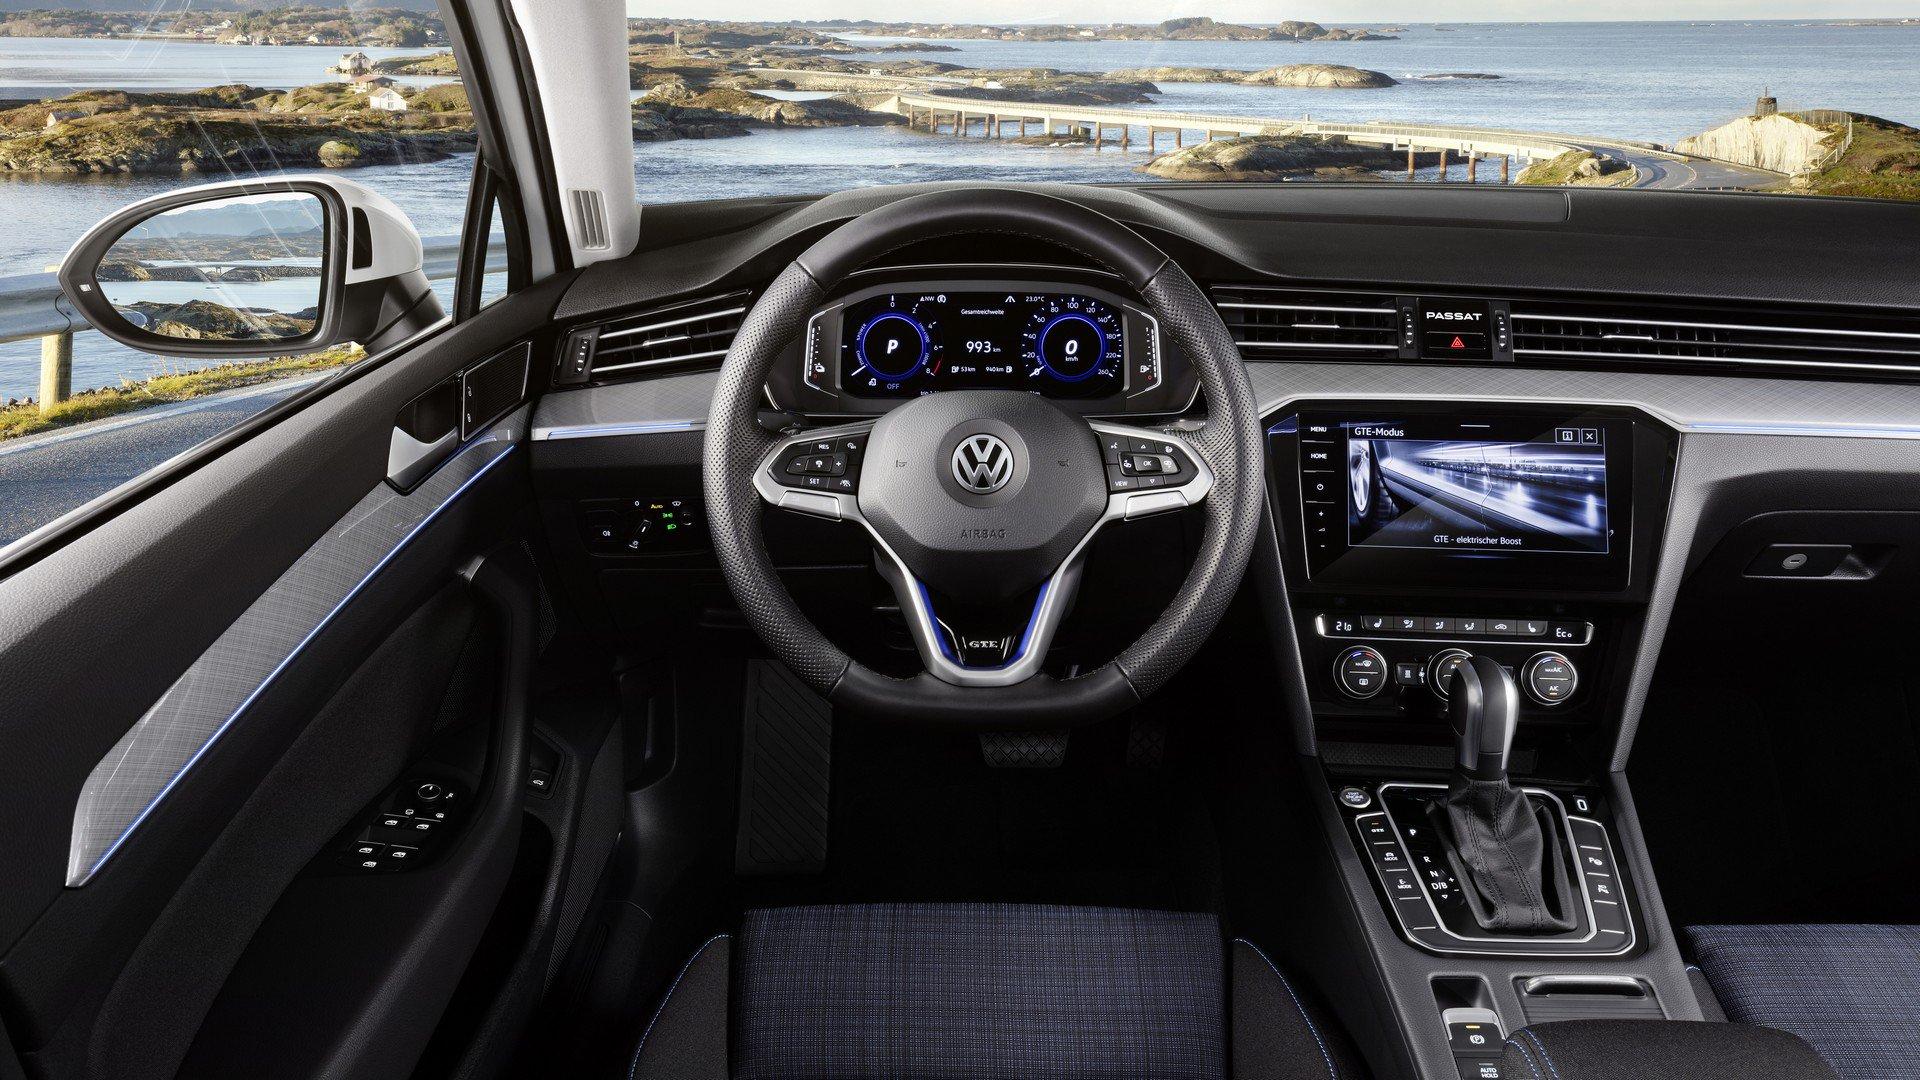 2020_VW_Passat_GTE_0012